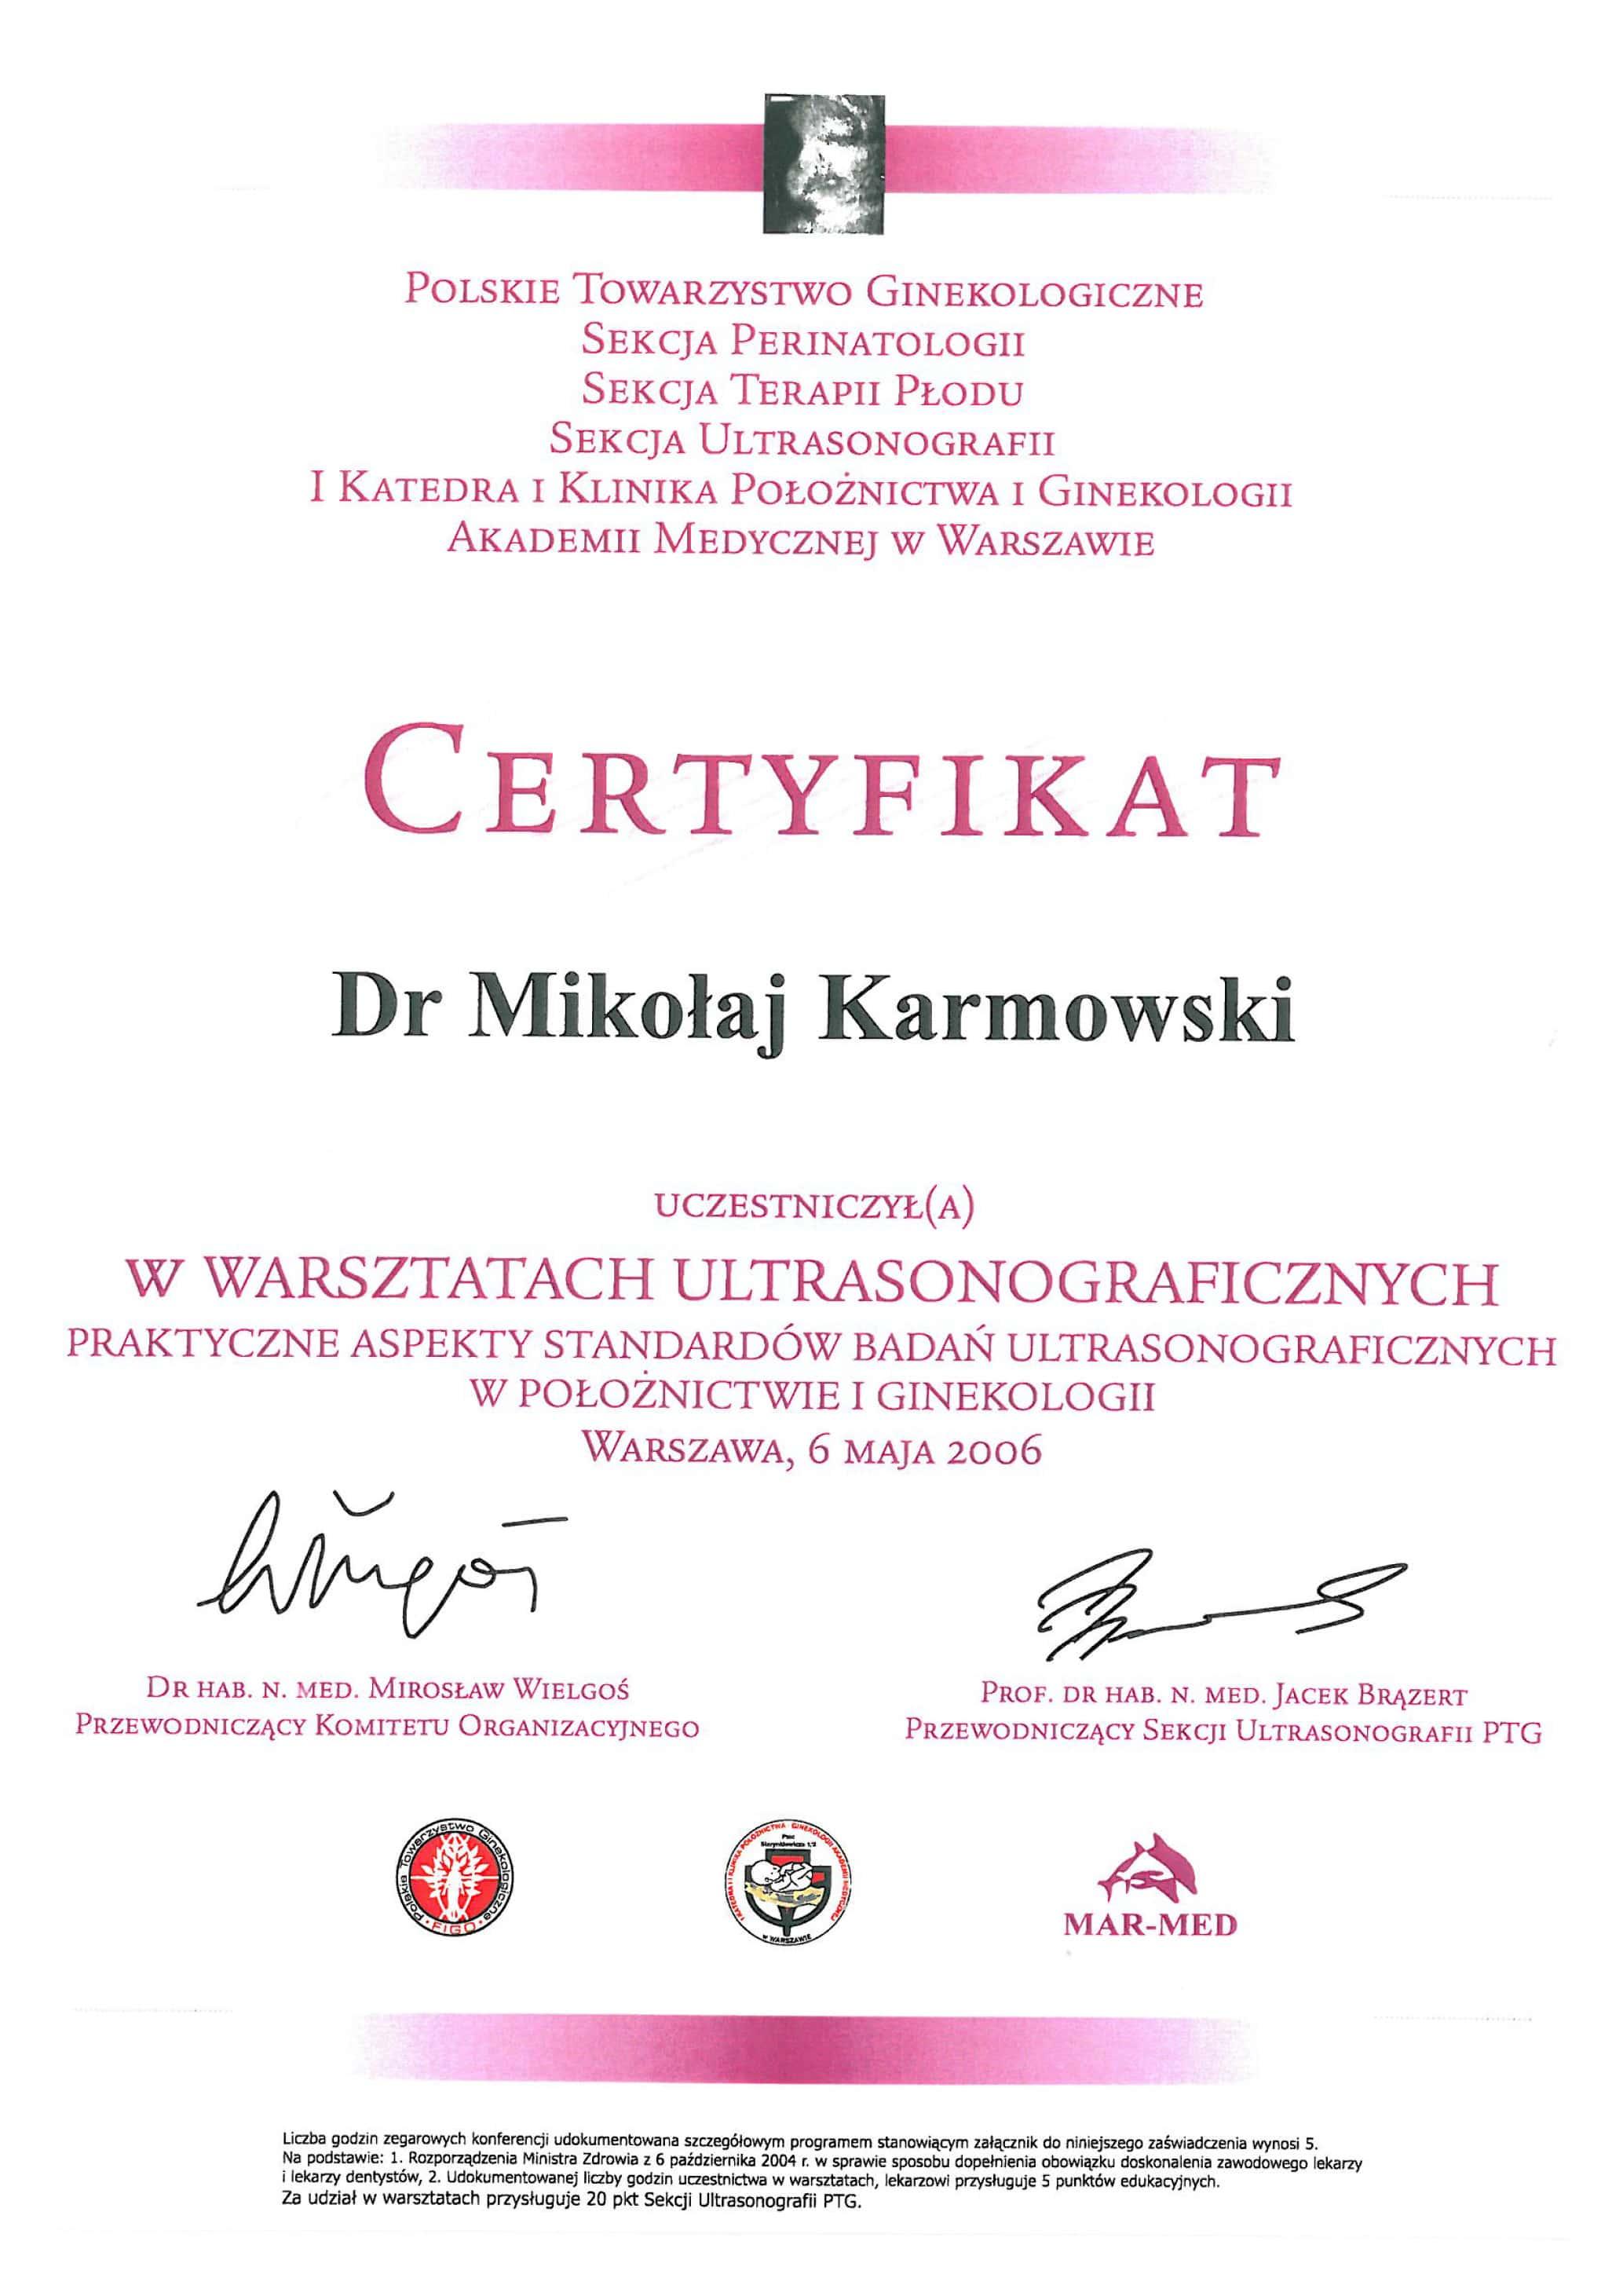 Mikołaj Karmowski certyfikat warsztaty ultrasonograficzne